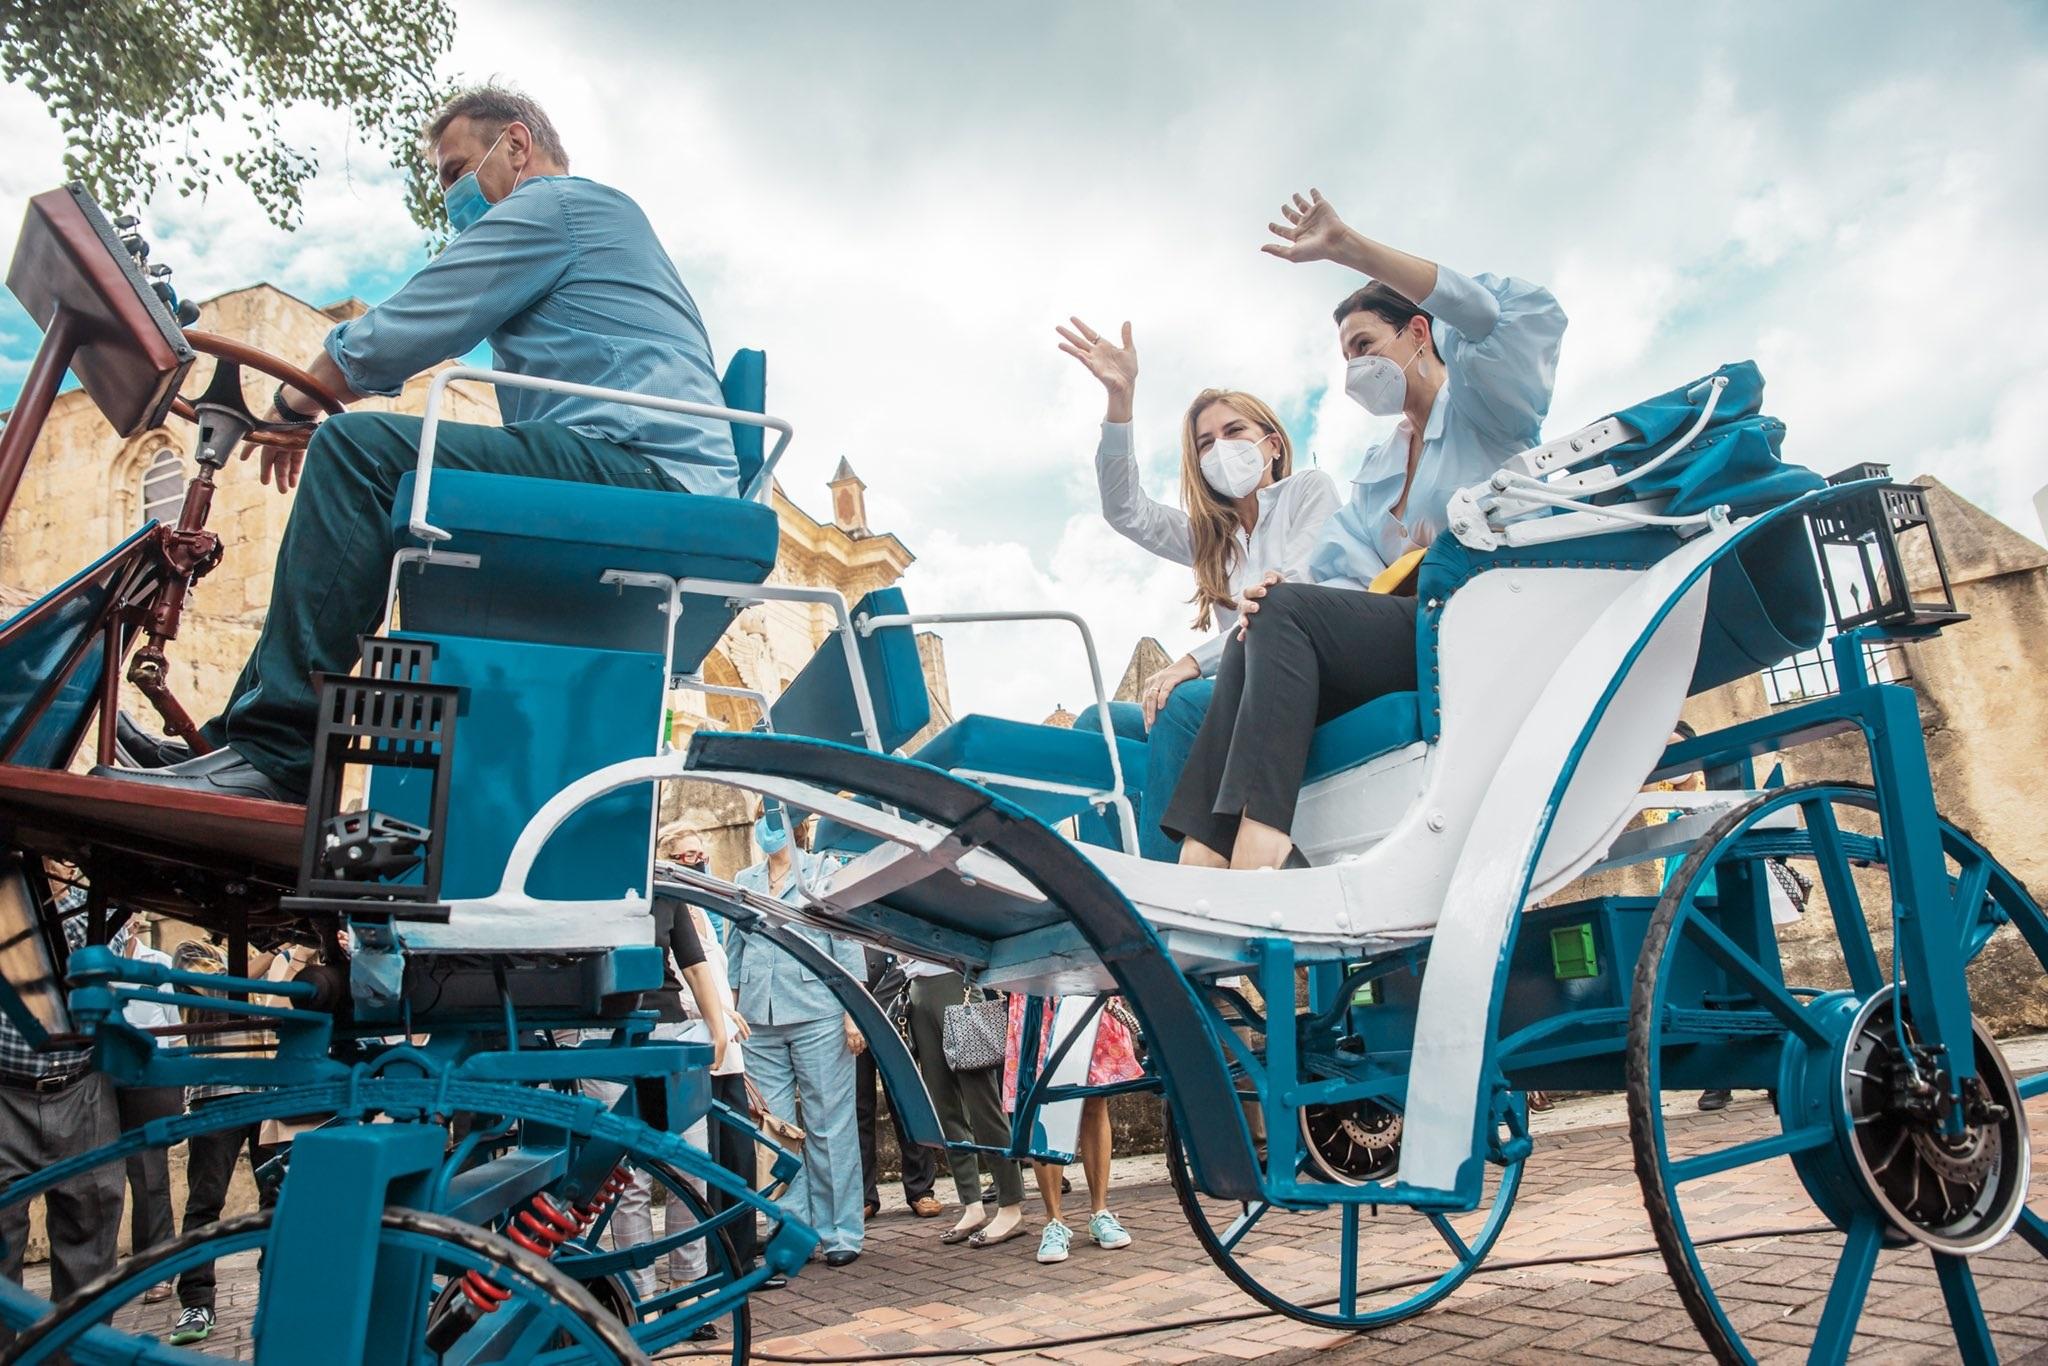 Sustituyen caballos por carruajes eléctricos, en República Dominicana